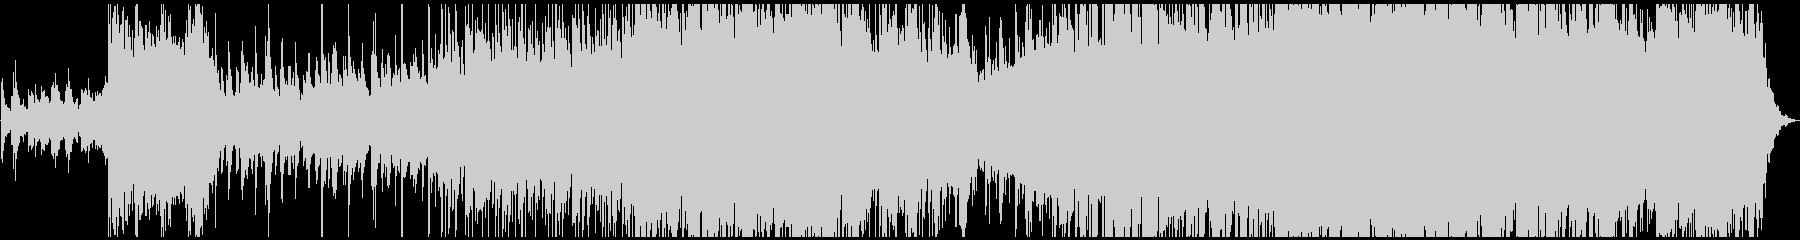 明るく透明でキラキラピアノポップの未再生の波形